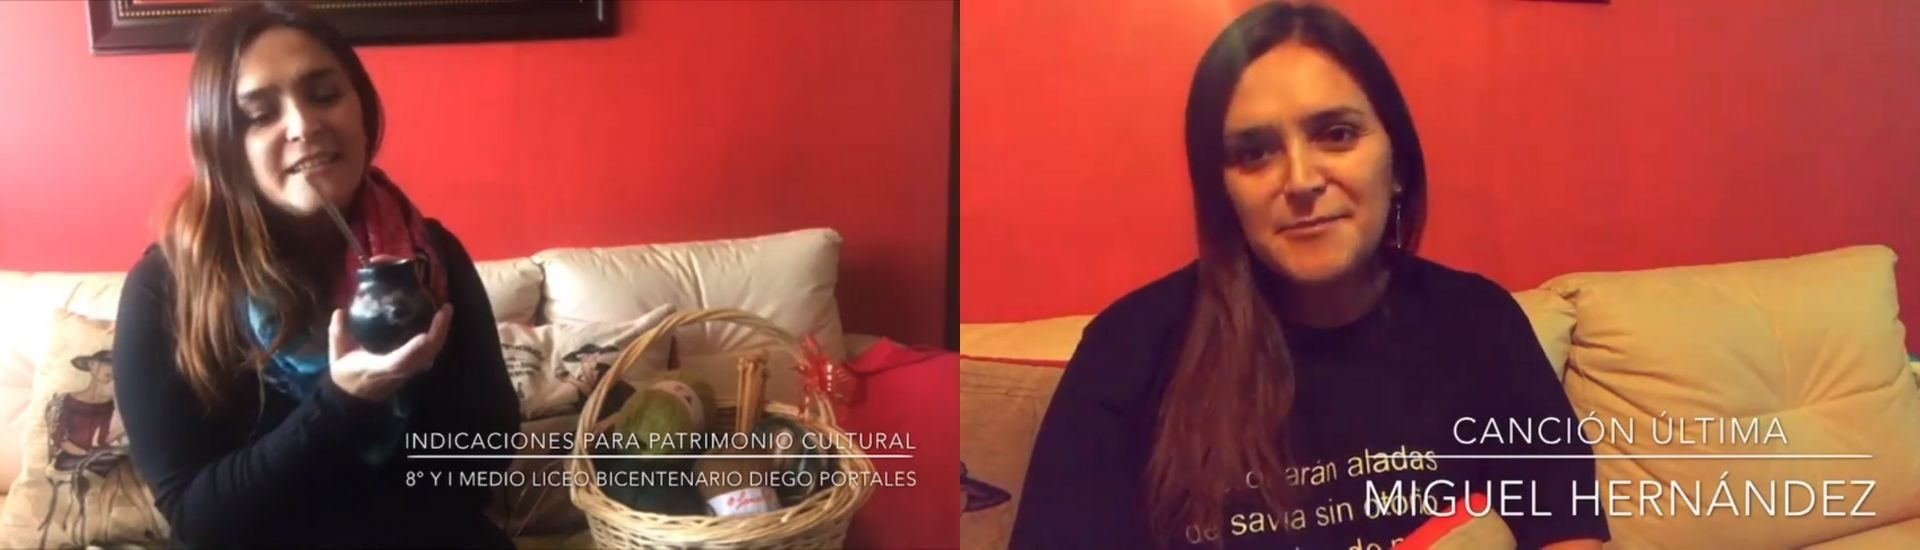 Profesora Claudia Rojas en su canal de YouTube mostrando alguno de sus videos.